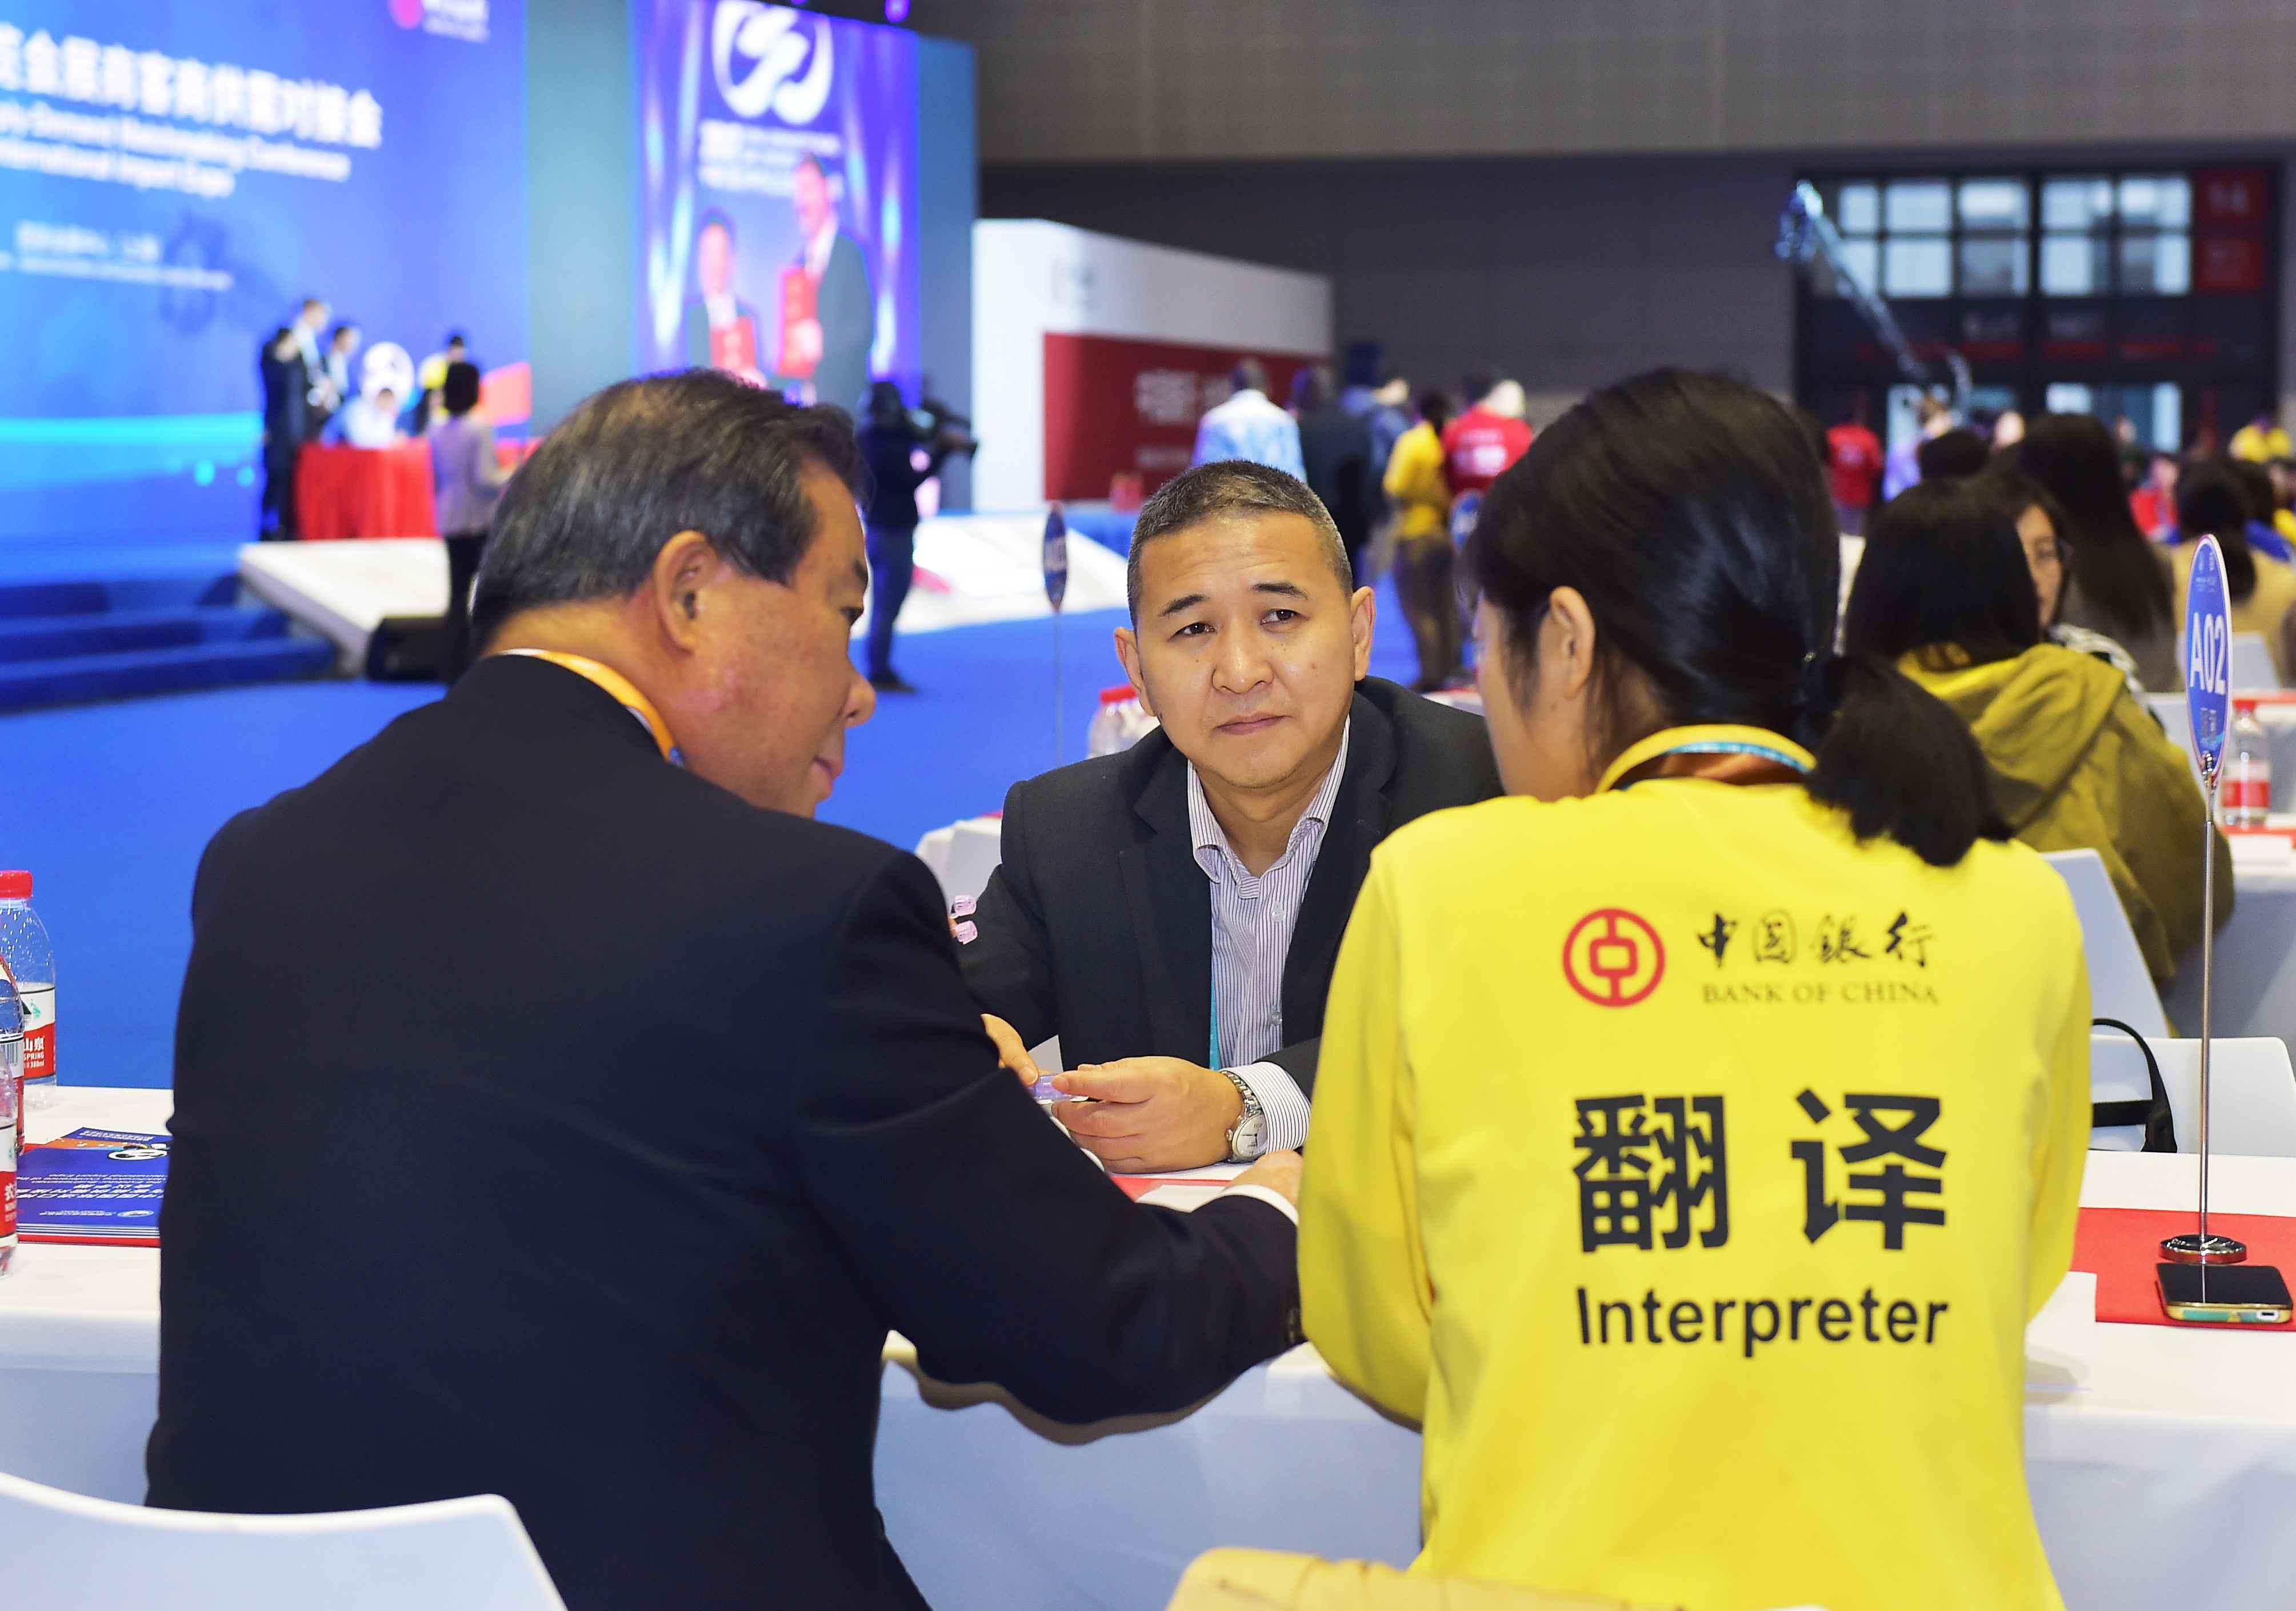 6  ZKS_2411贵州金玖生物技术有限公司董事长韩克兵通过翻译员,与韩国客商洽谈。当代贵州融媒体记者 张凯 摄.JPG